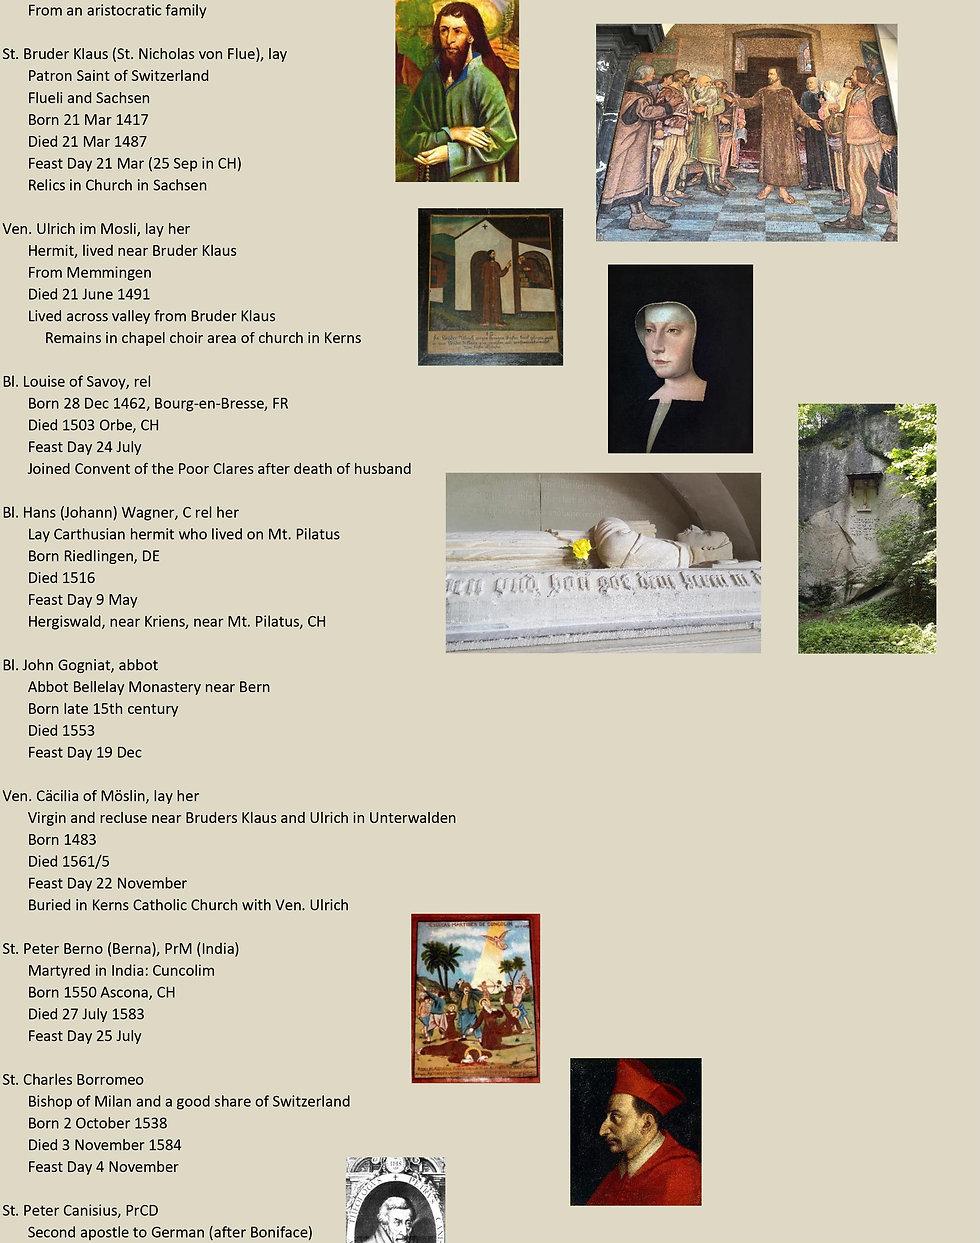 Liste de tous les saints suisses 22 sur 31